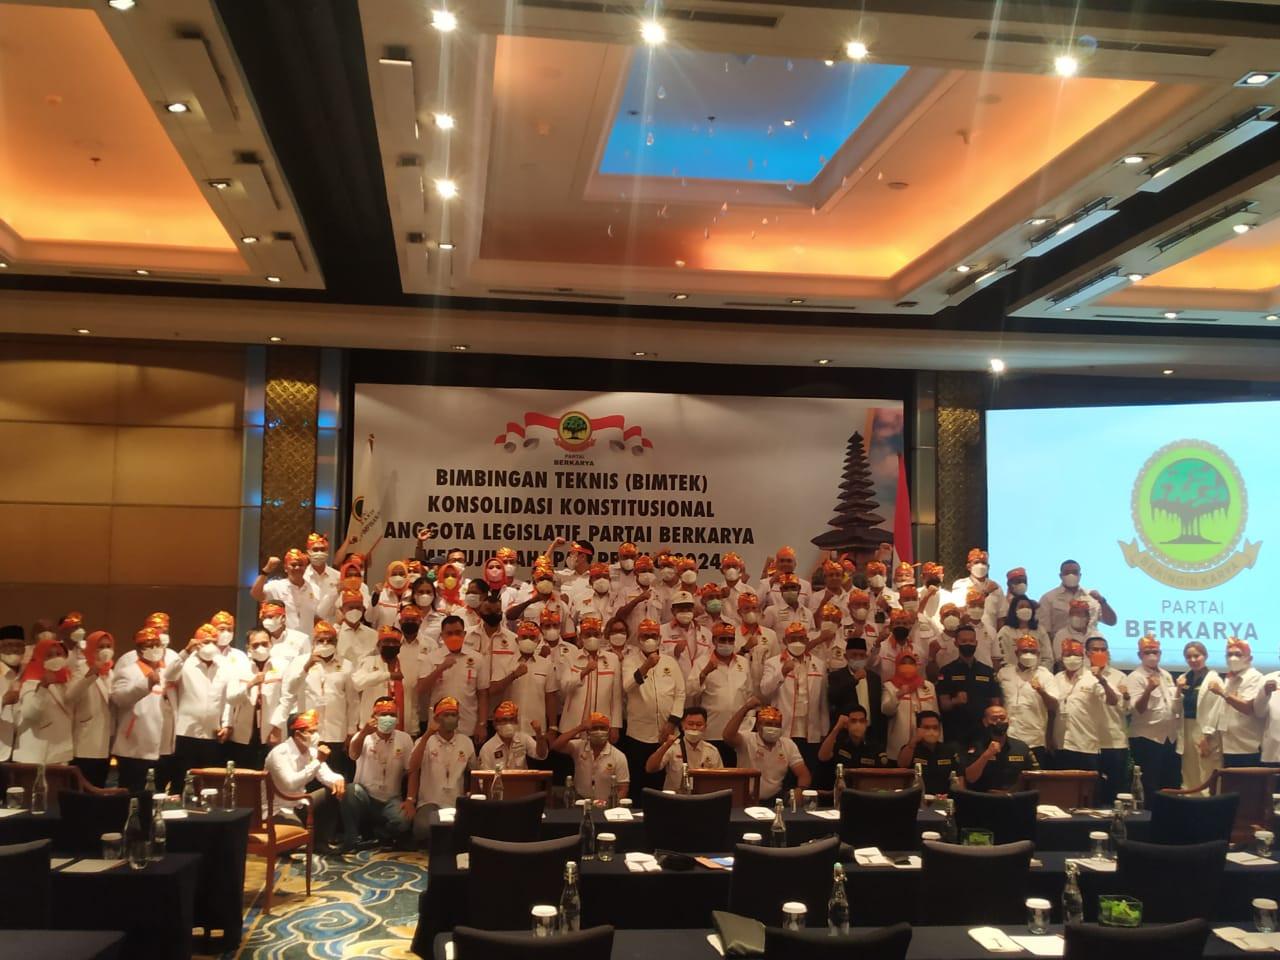 Muchdi PR Gelar Bimtek Partai Berkarya di Bali, Target 5 Persen Nasional di Pemilu 2024 - JPNN.com Bali